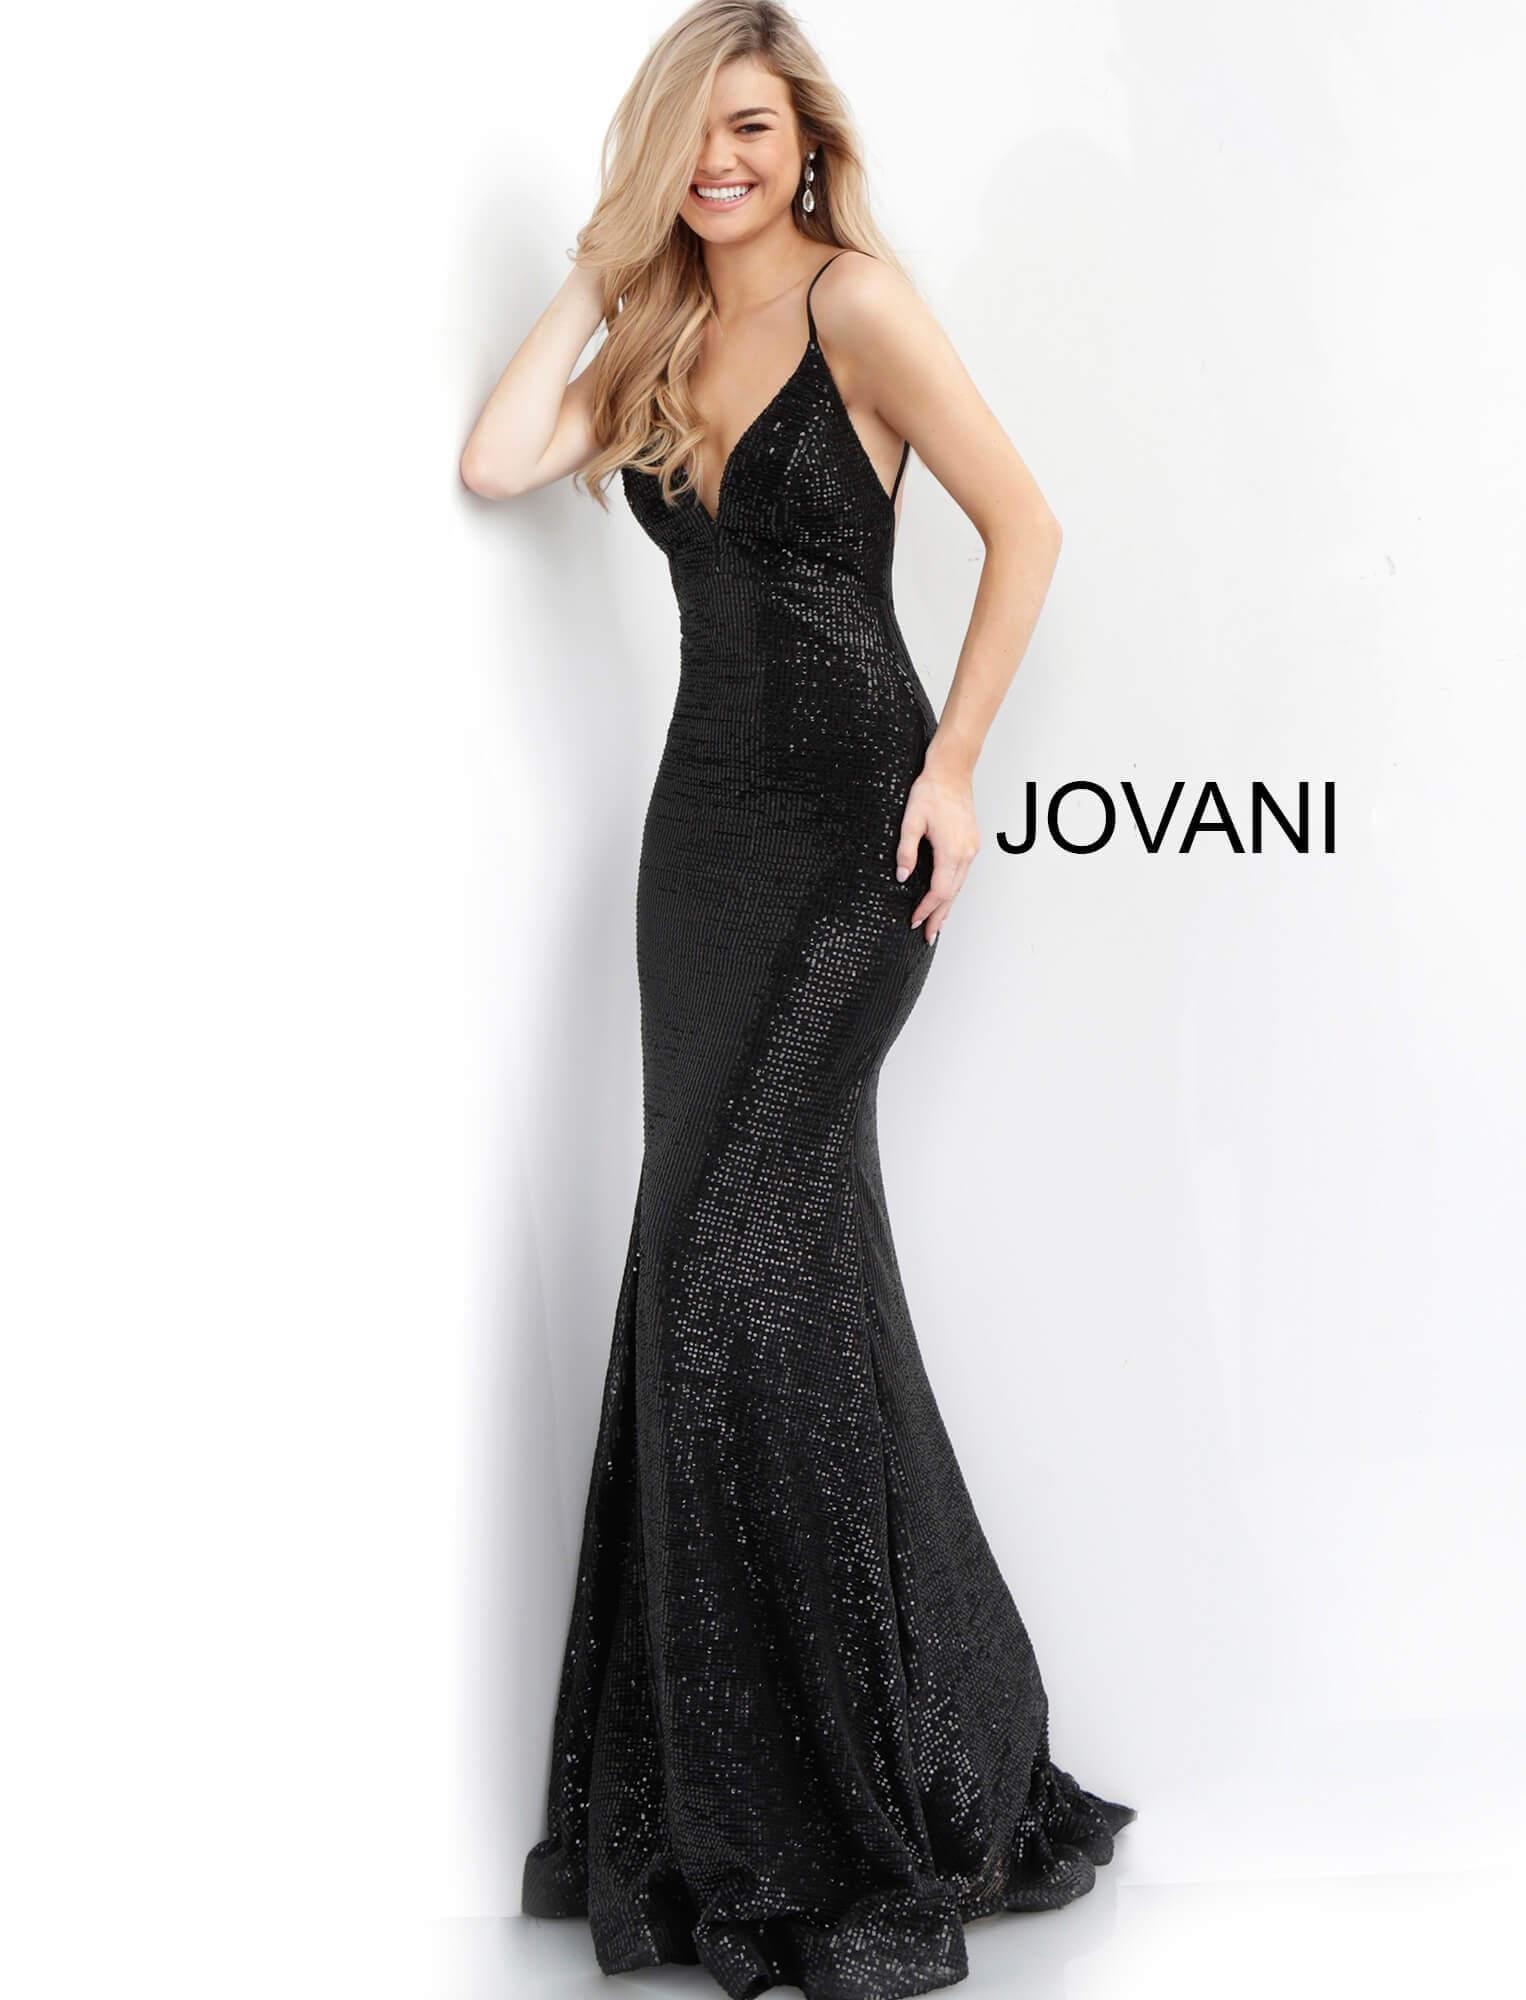 Jovani Style 59691